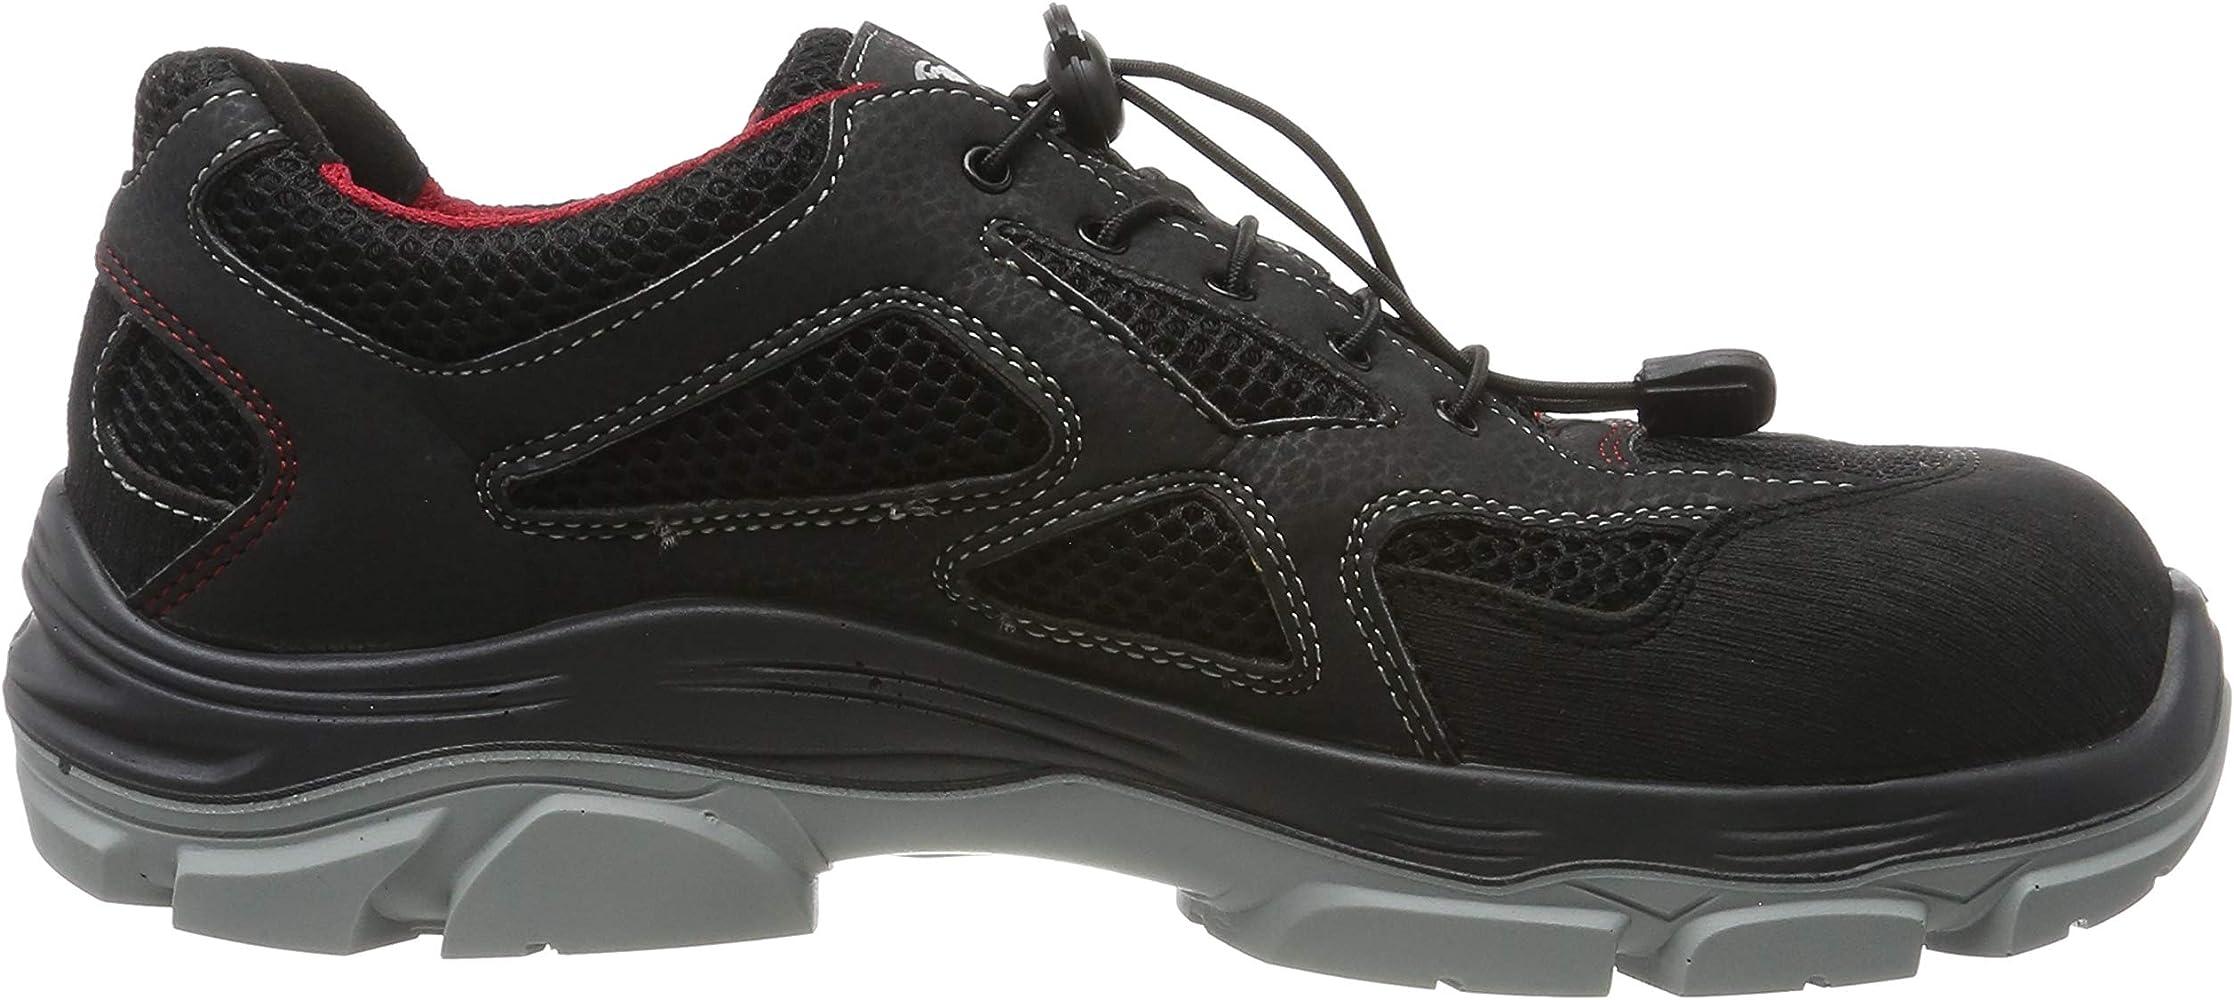 Zapatos de Seguridad Unisex Adulto Stabilus 6130a